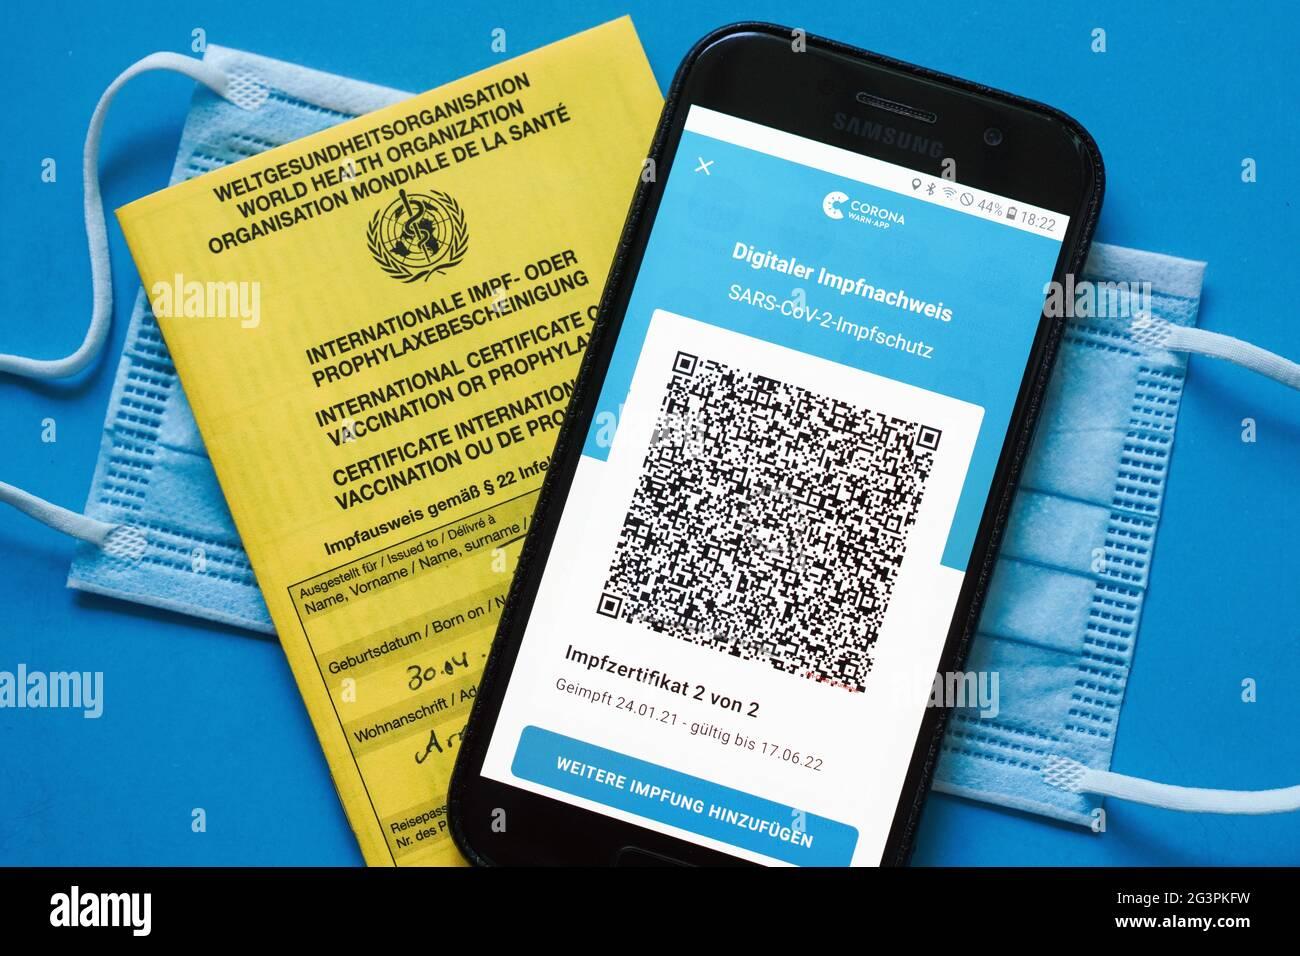 Qr Code Das Digitale Impfzertifikat In Der Corona Warn App Auf Einem Smartphone Bestatigt Eine Abgeschlossenen Impfung Gegen Covid 19 Liegt Auf Der Gelben Internationalen Impfbescheinigung Impfpass Achtung Qr Code Und Personliche Angaben Sind